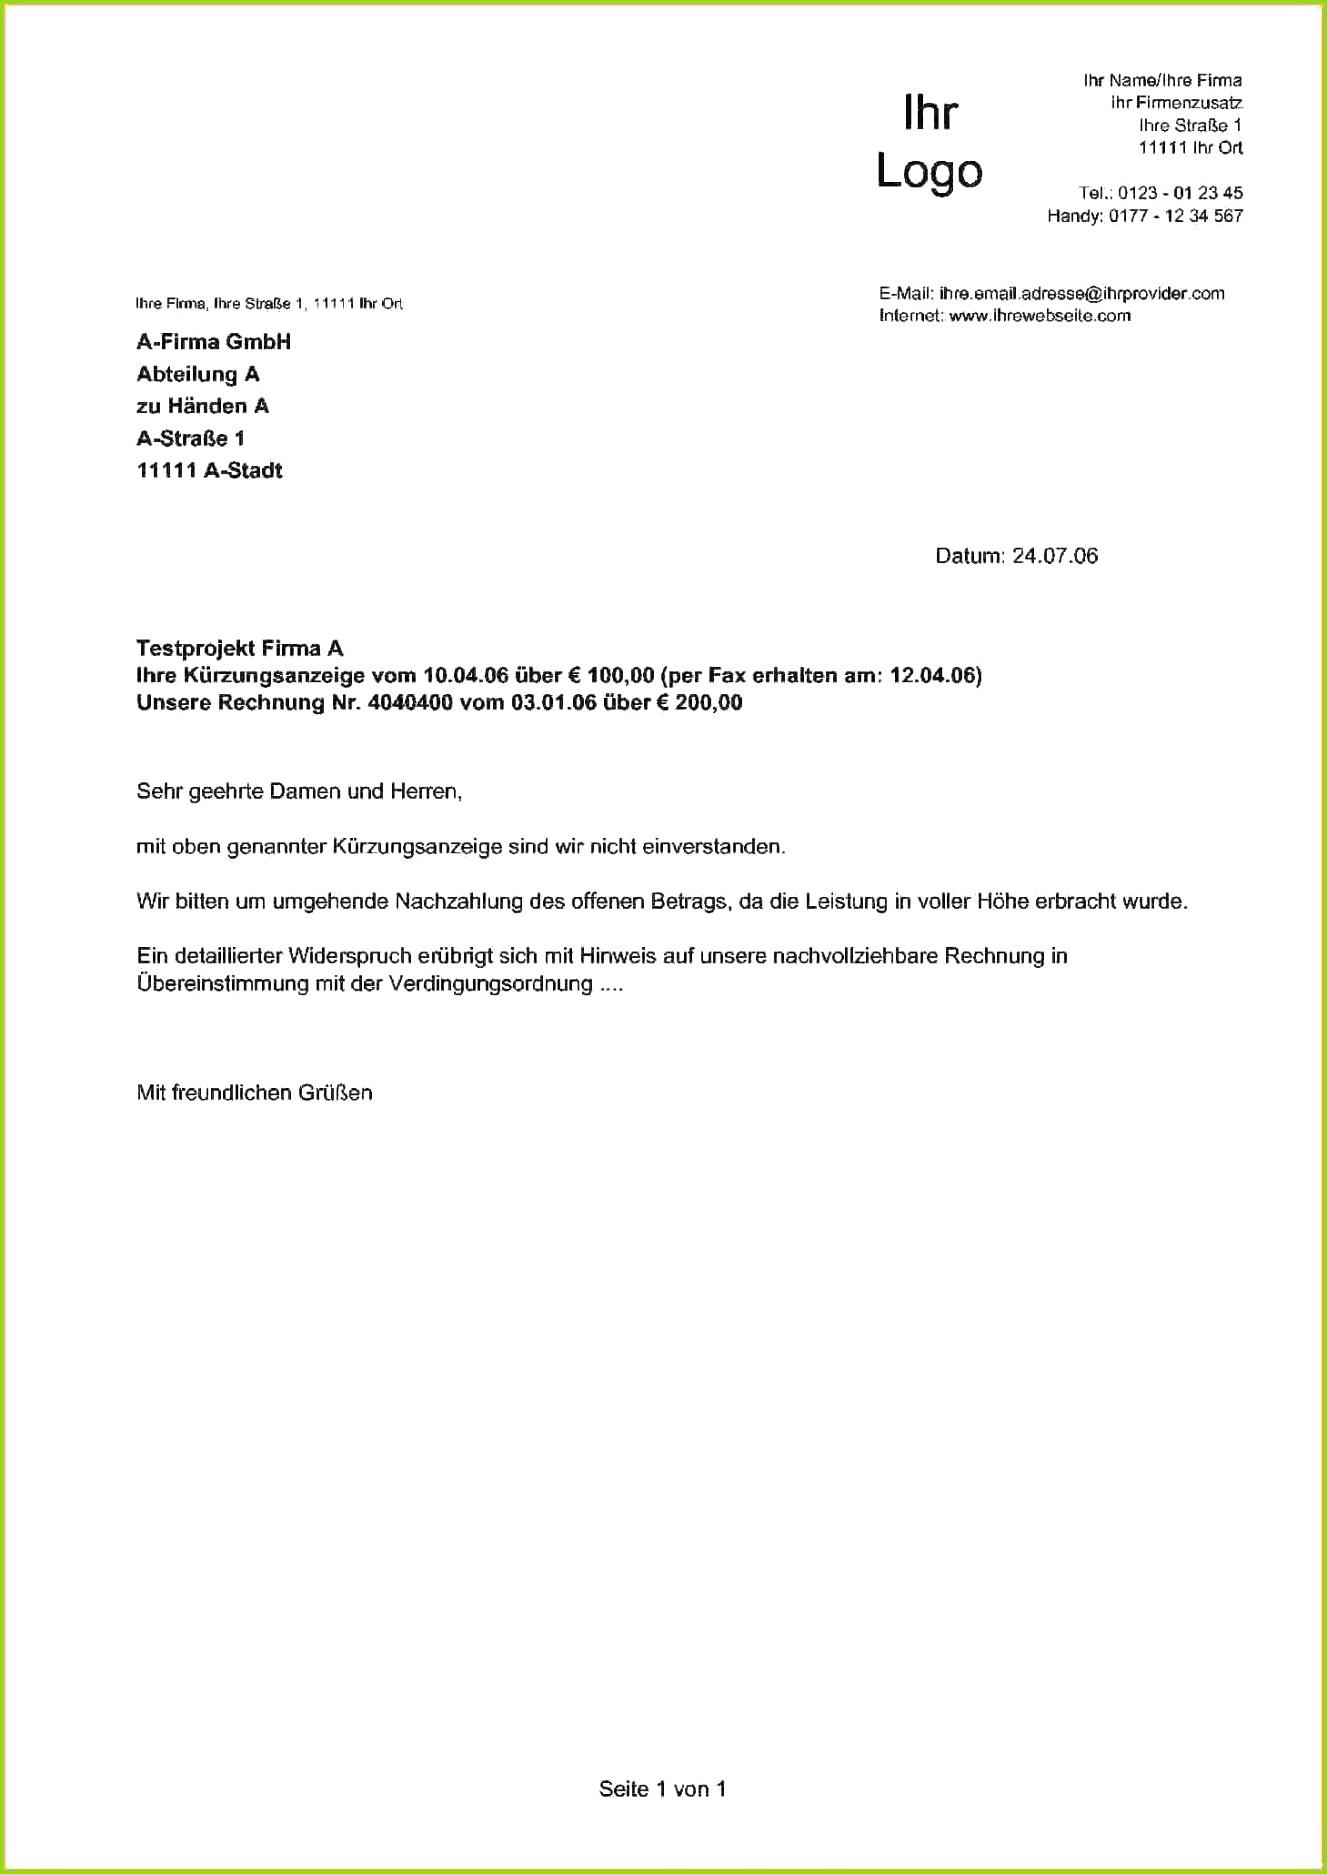 Krank Melden Per Email Vorlage Detaillierte Krankmeldung Per E Mail Schreiben Vorlage Luxus Krankmeldung Per